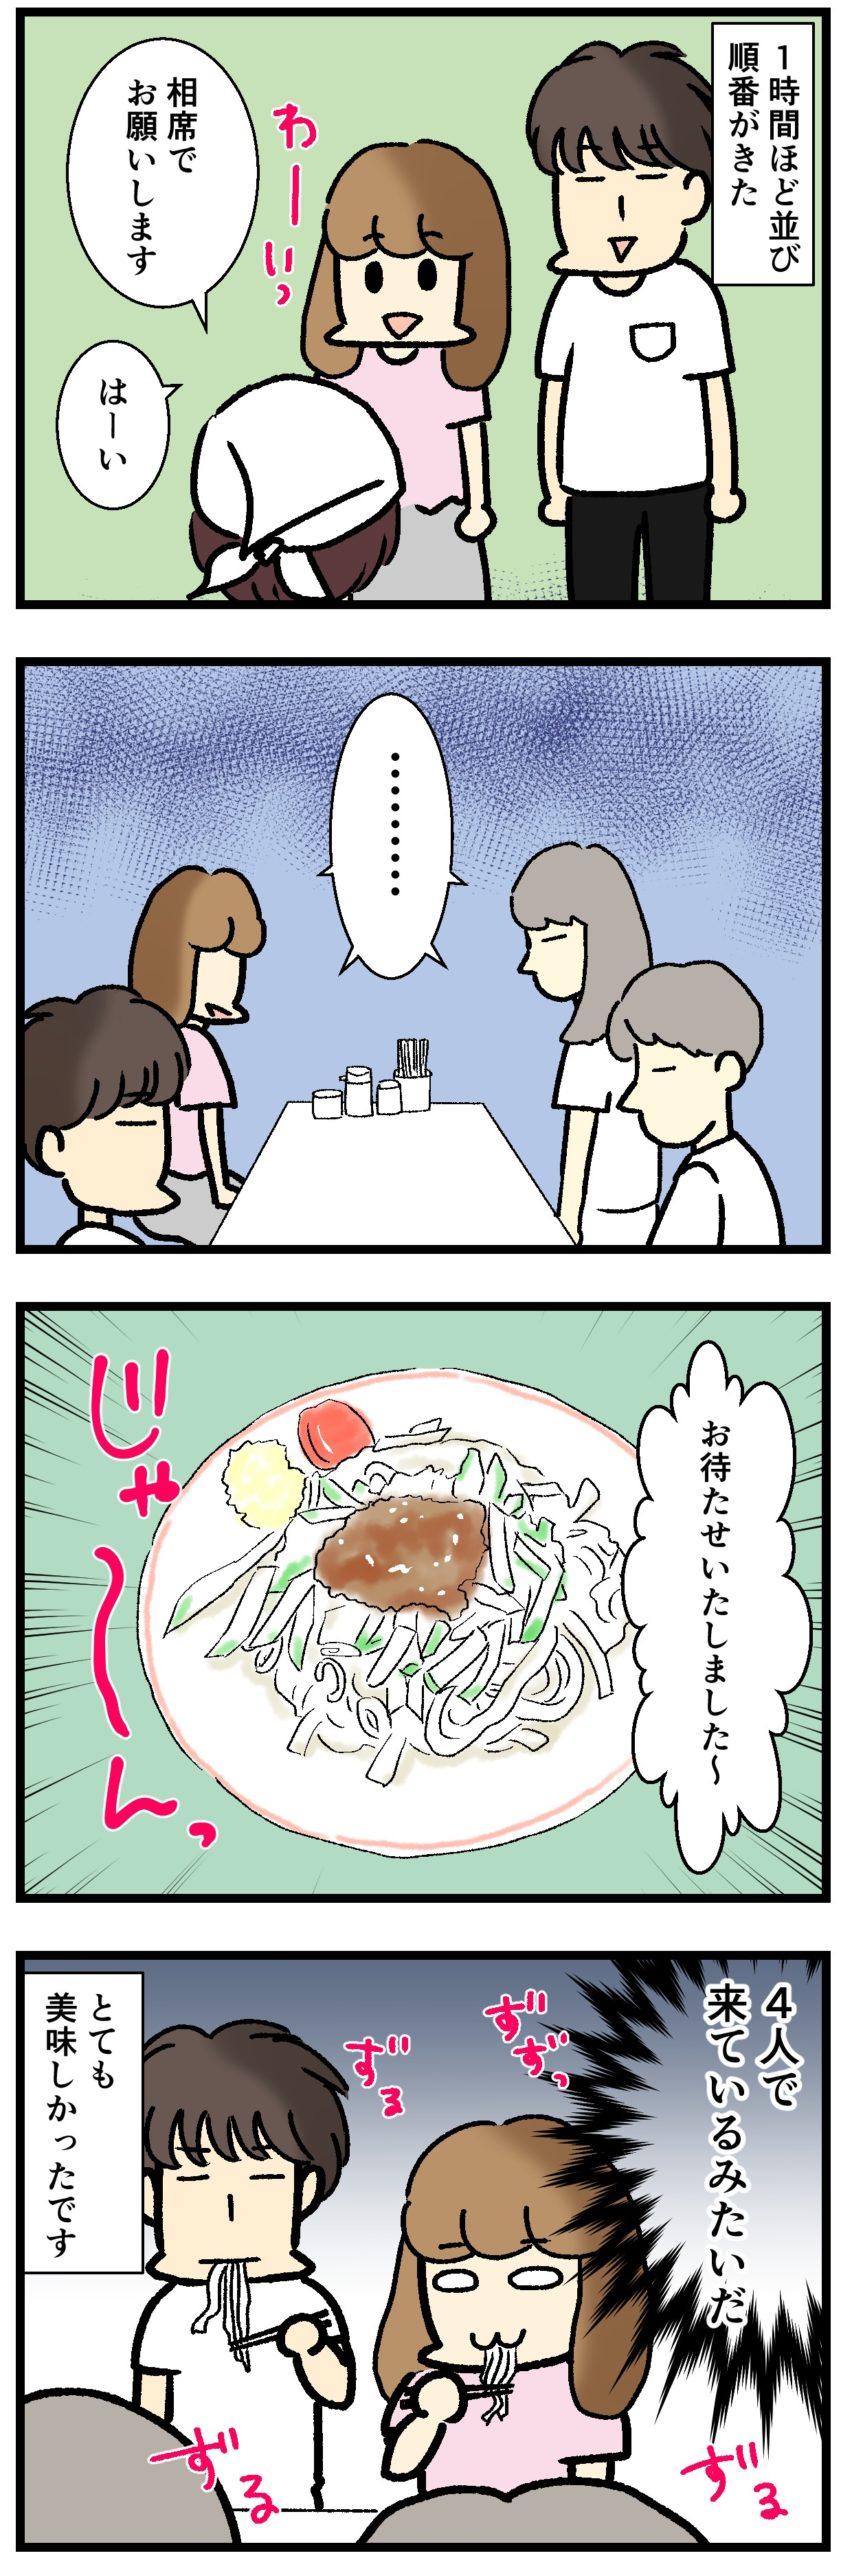 盛岡じゃじゃ麺漫画